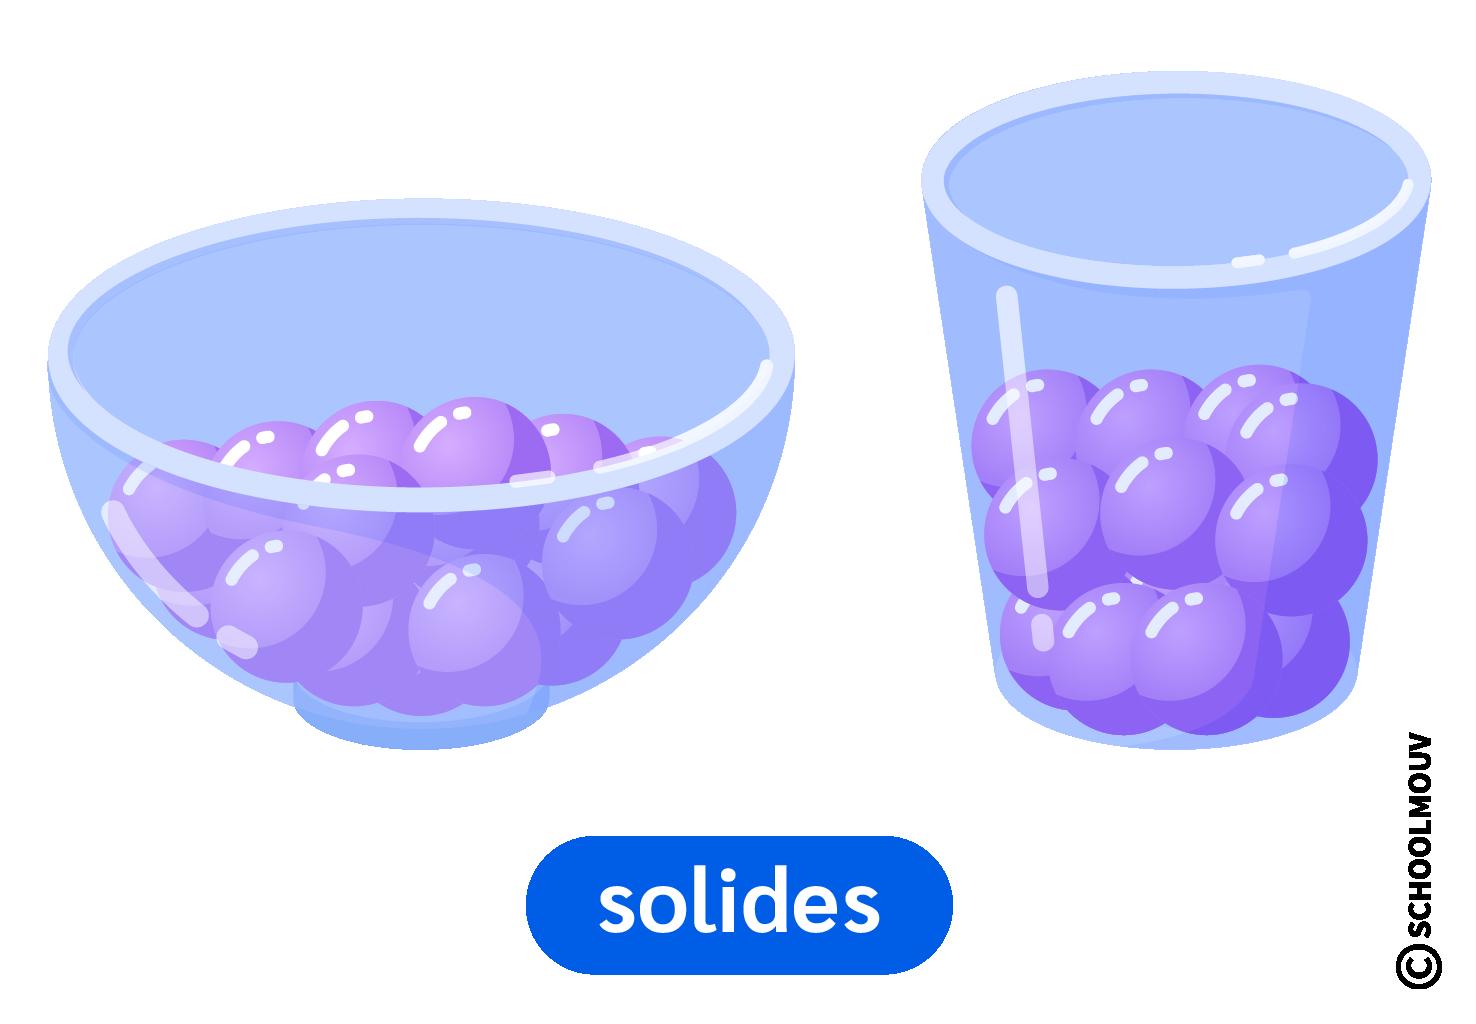 primaire cm2 sciences et technologie les états et les changements d'état de la matière solide